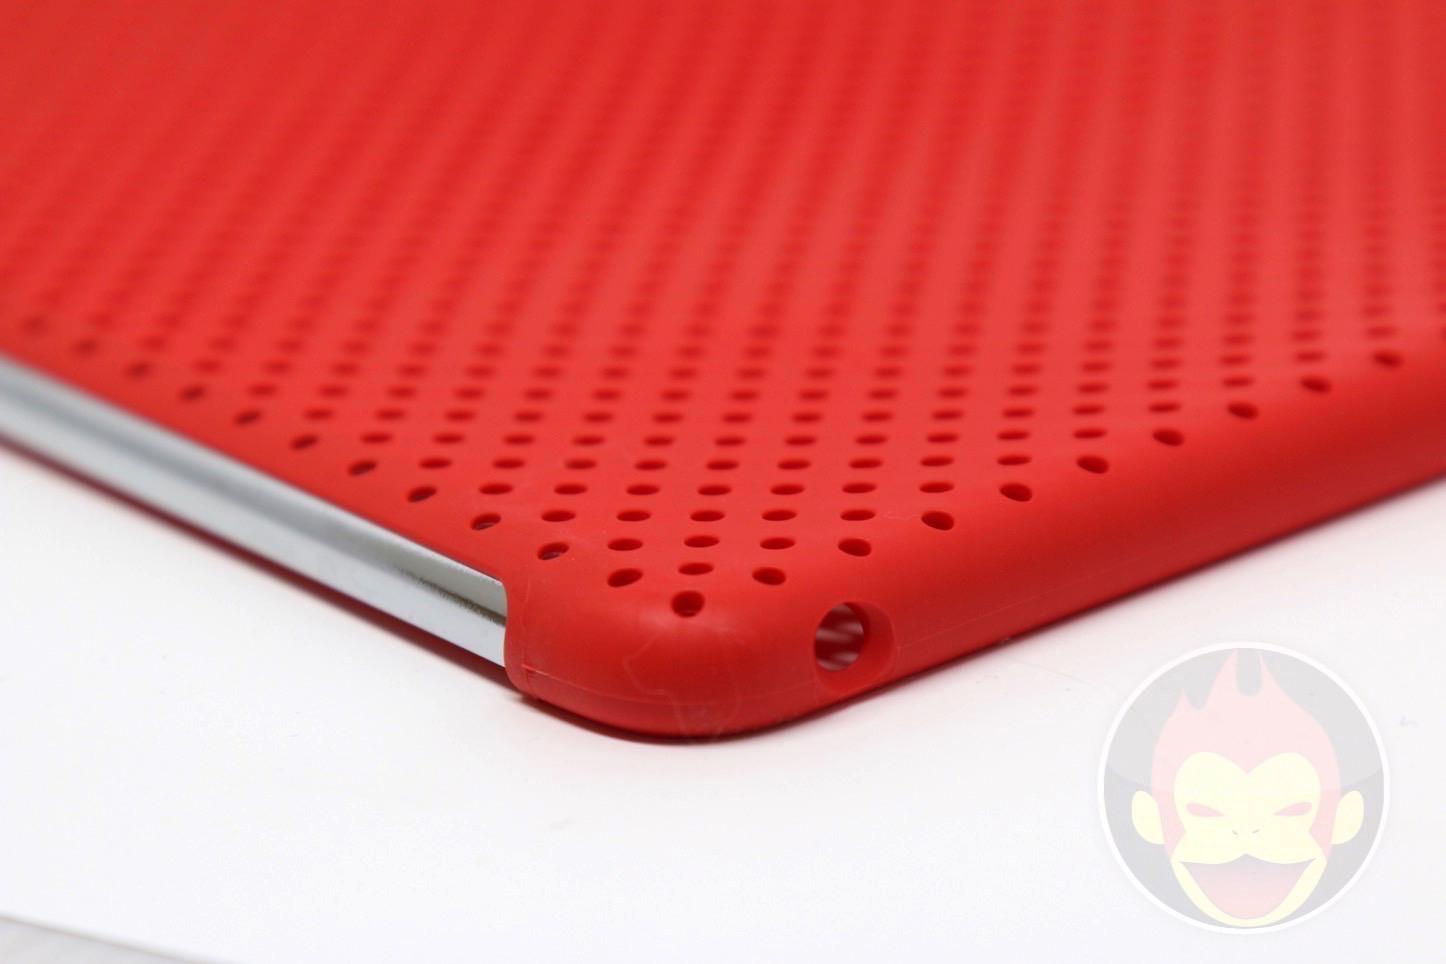 AndMesh-Mesh-Case-for-iPad-Air-2-03.JPG